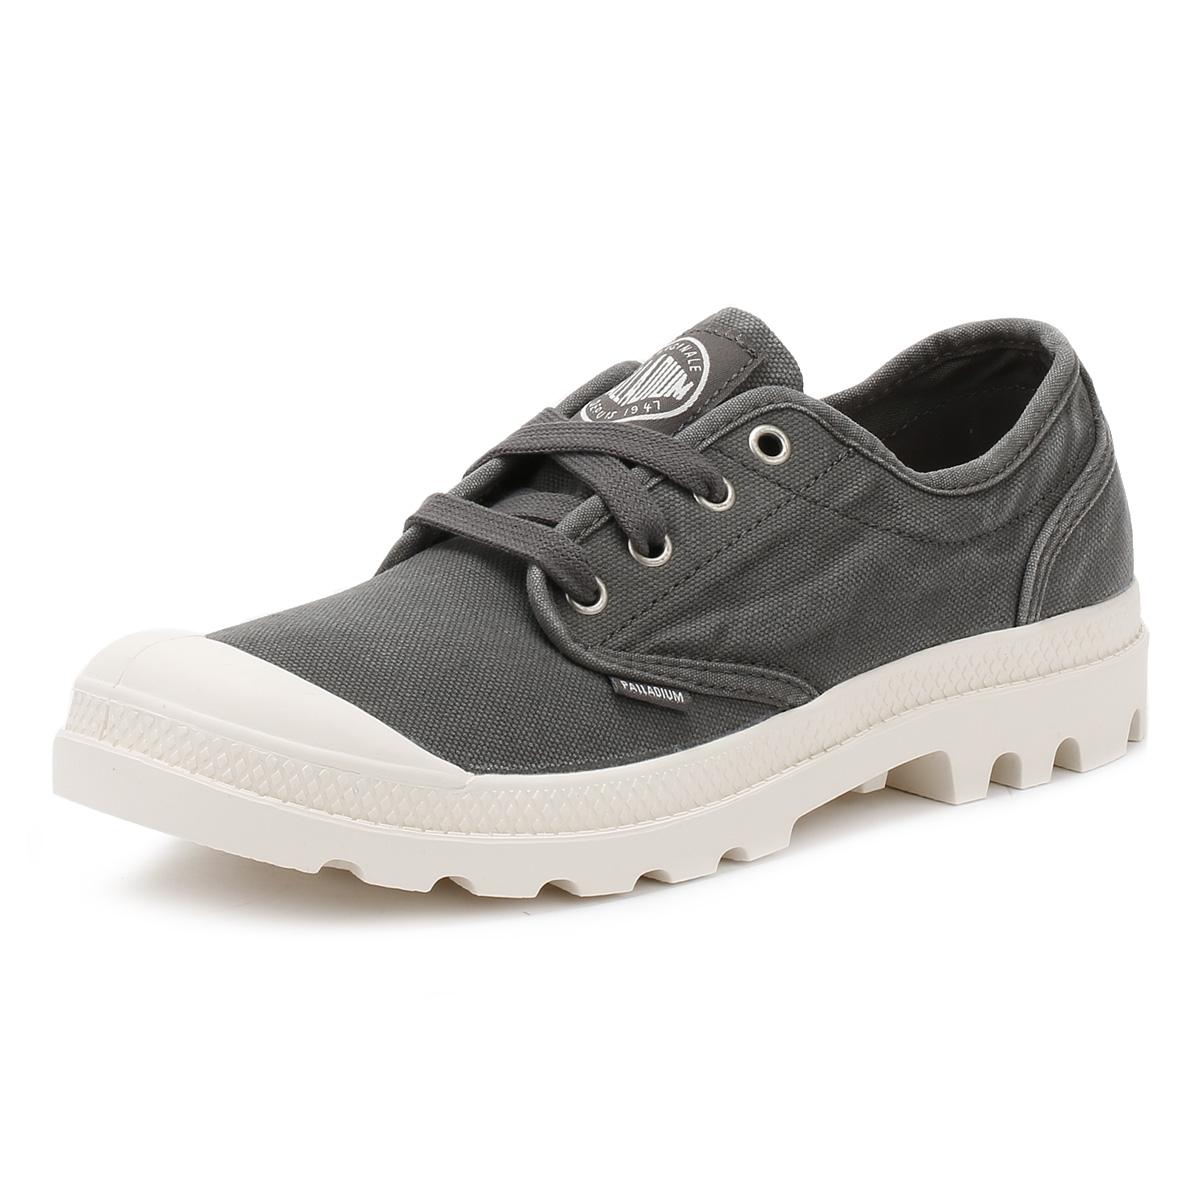 Pavement Shoes Australia